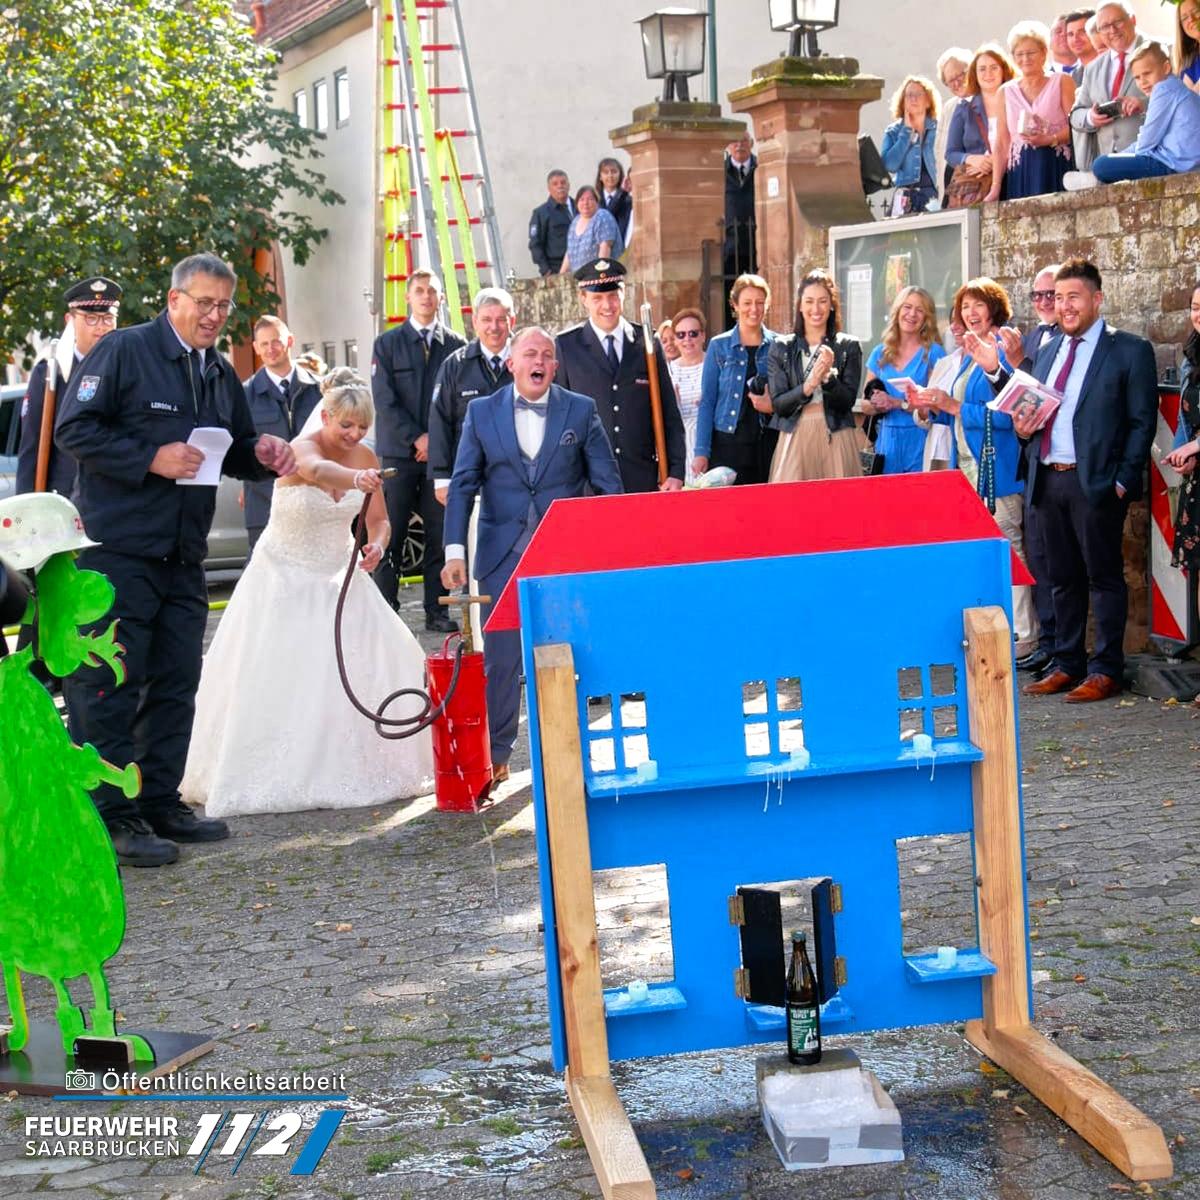 20210925_Hochzeit_PJS_BJ_107 Kopie